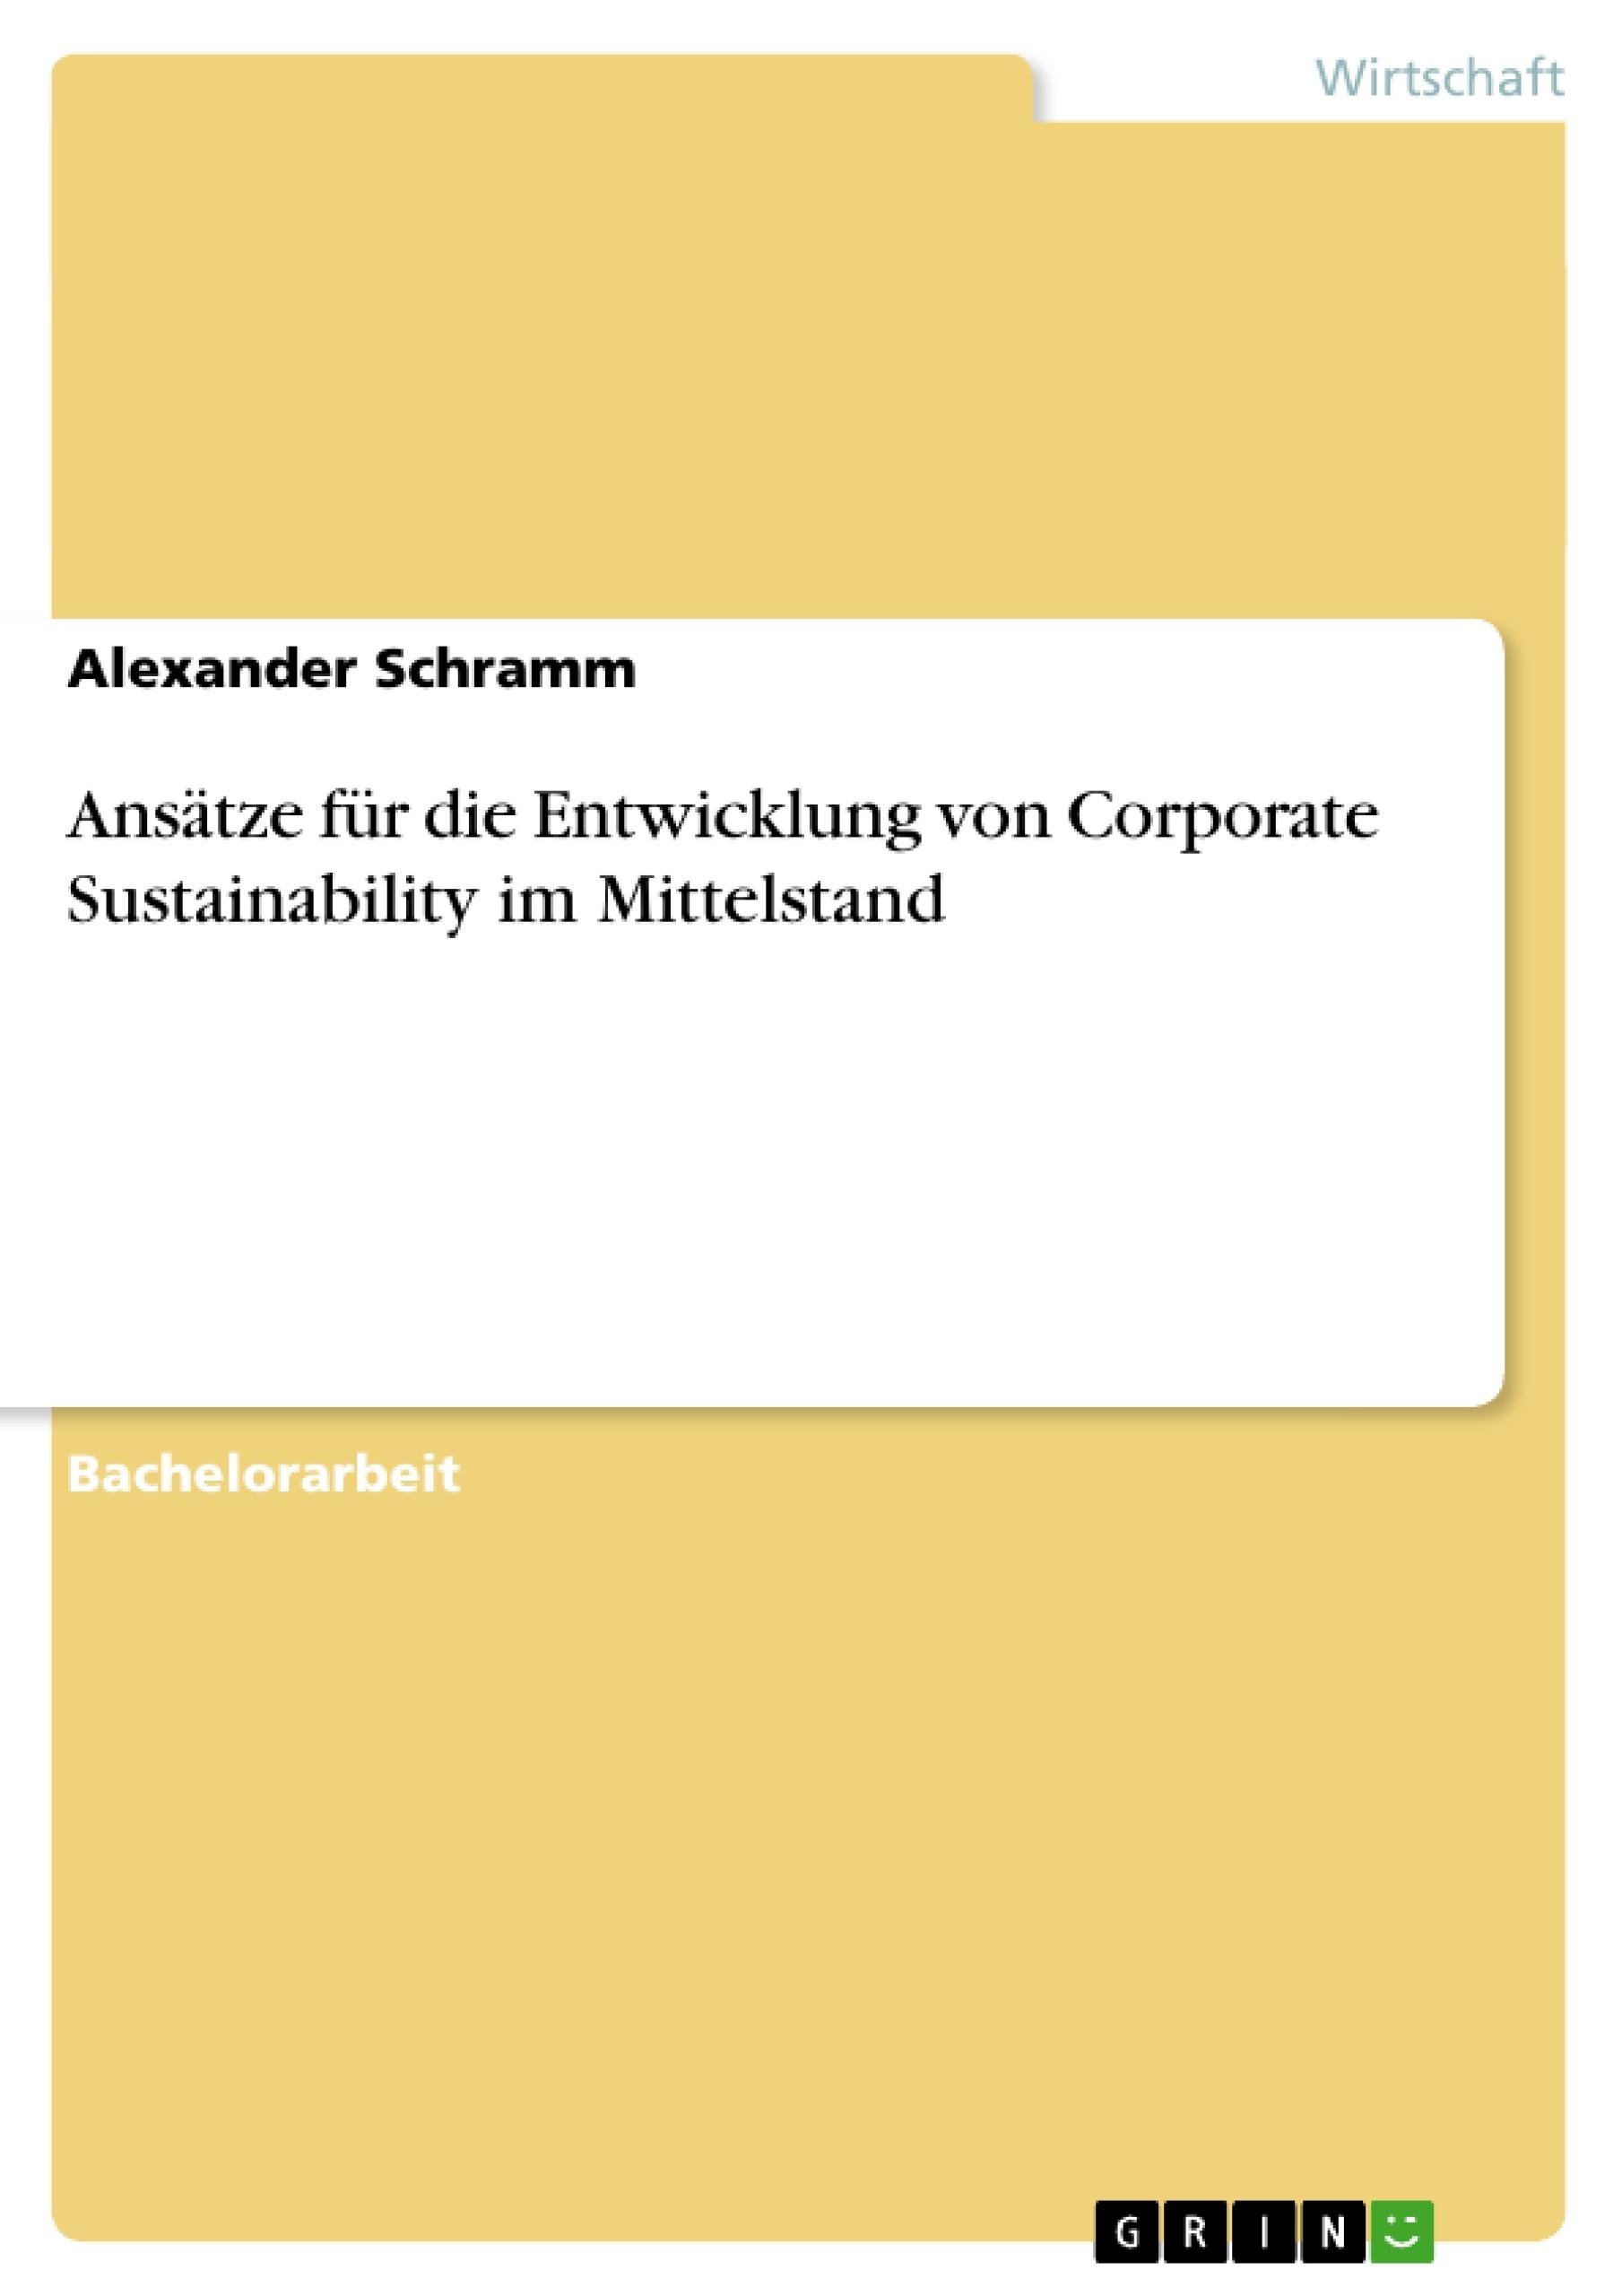 Titel: Ansätze für die Entwicklung von Corporate Sustainability im Mittelstand